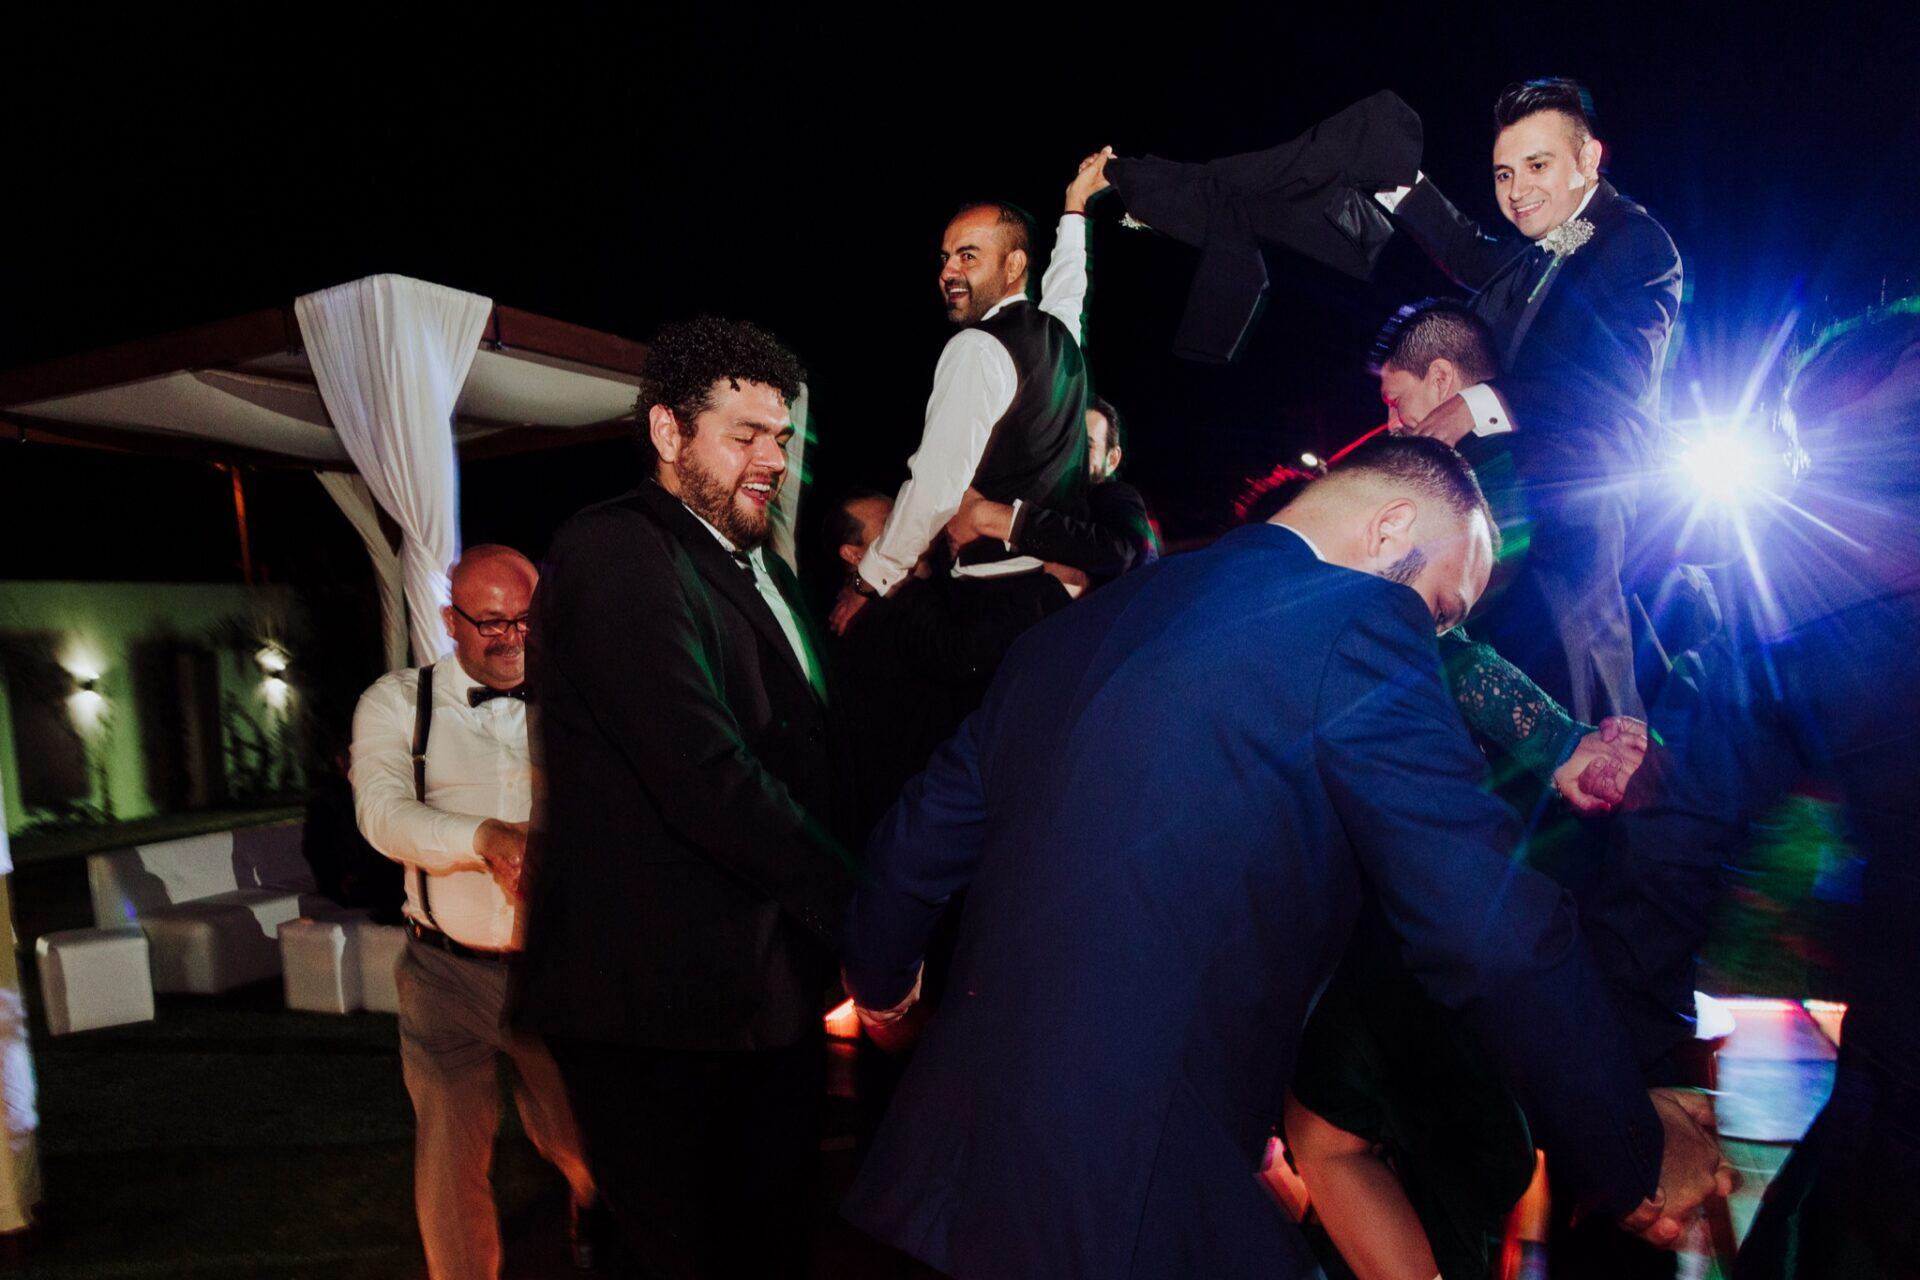 javier_noriega_fotografo_bodas_alicia_garden_zacatecas_wedding_photographer29